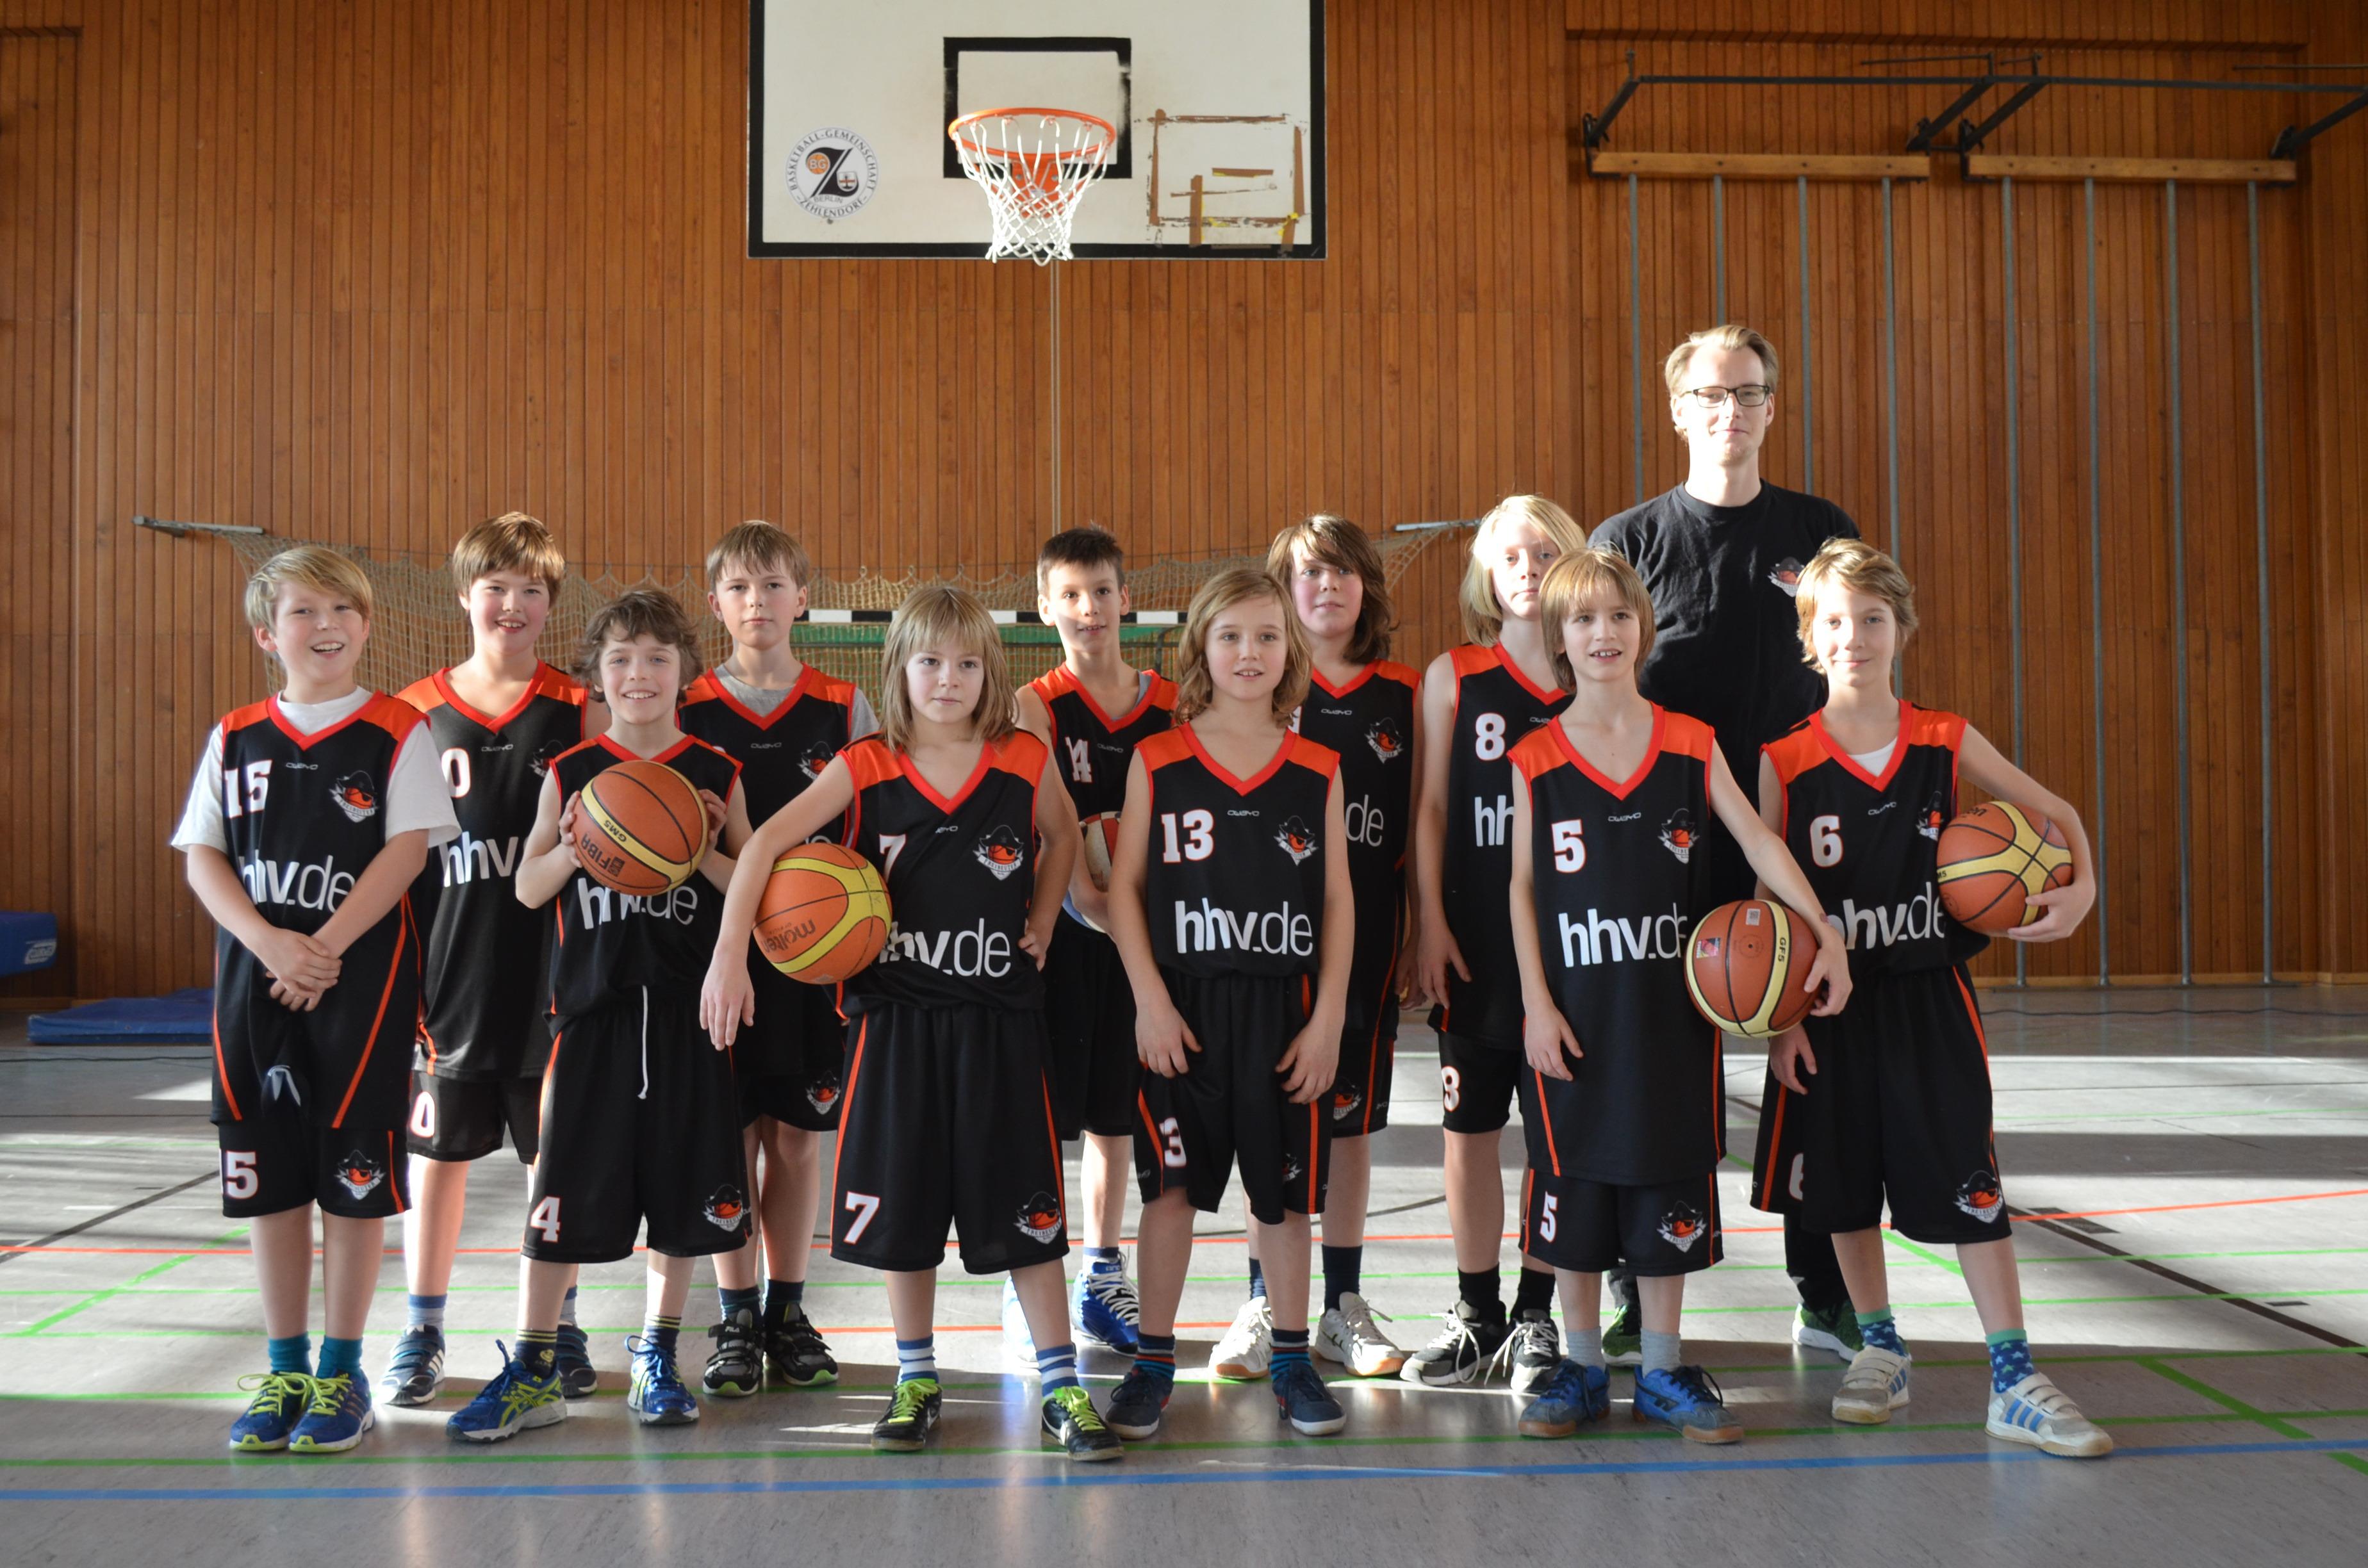 das jüngste Basketballteam in Friedrichshain